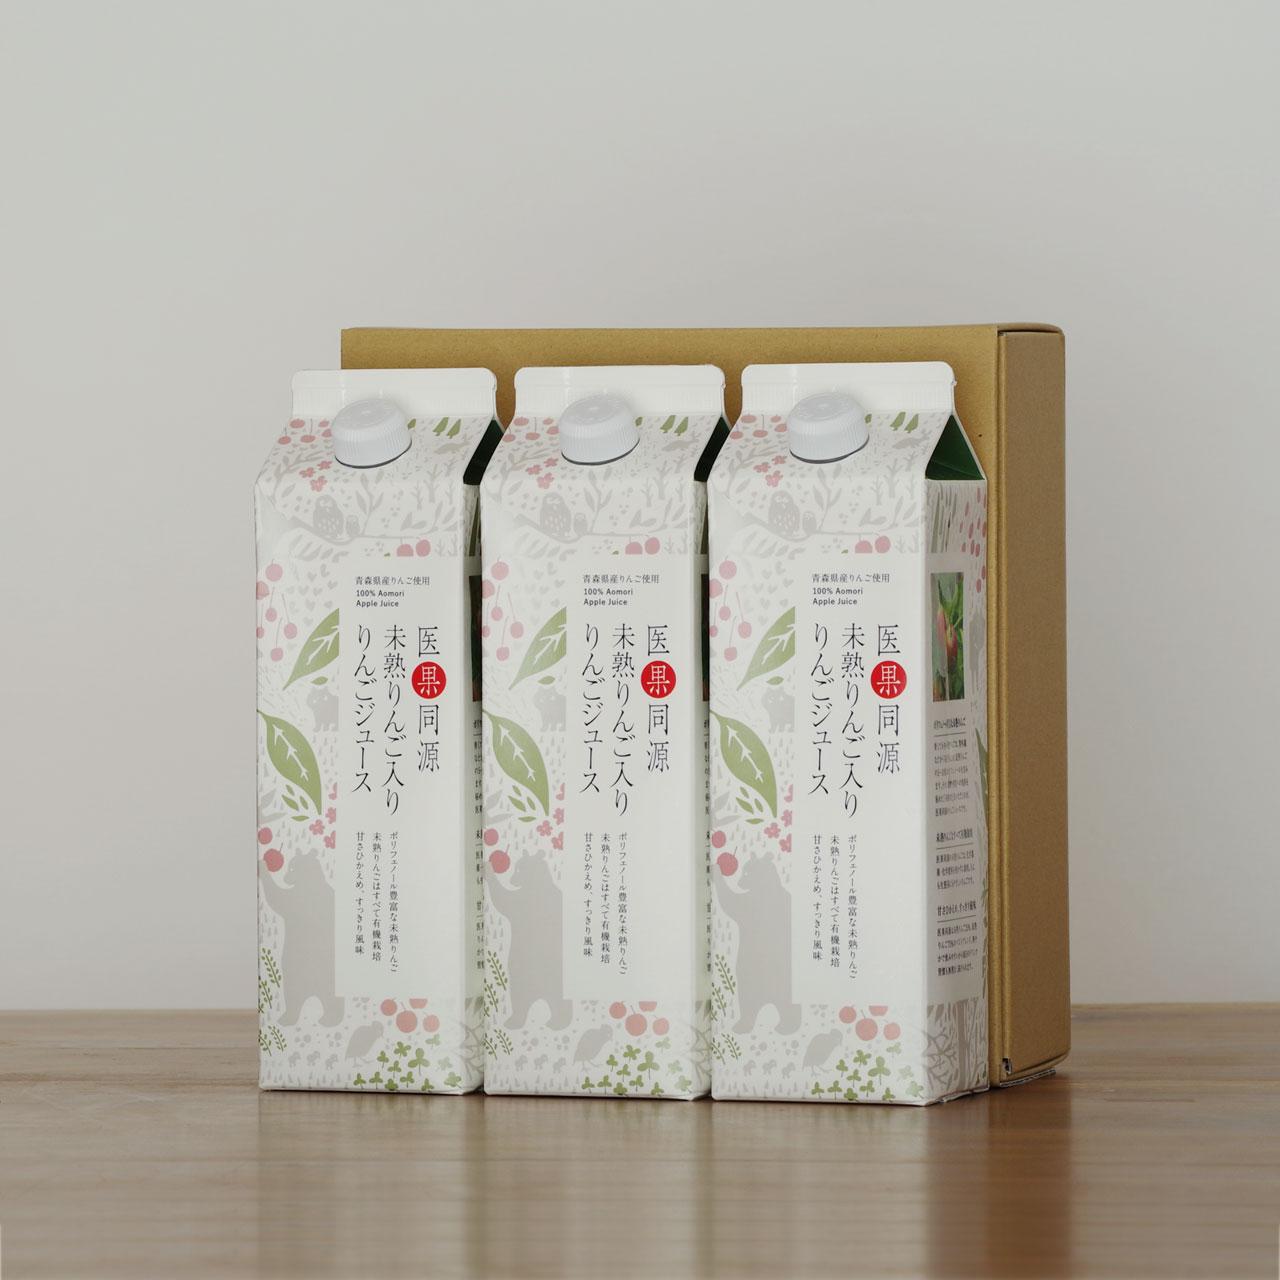 紙パック3本入り 医果同源未熟りんご入りりんごジュース